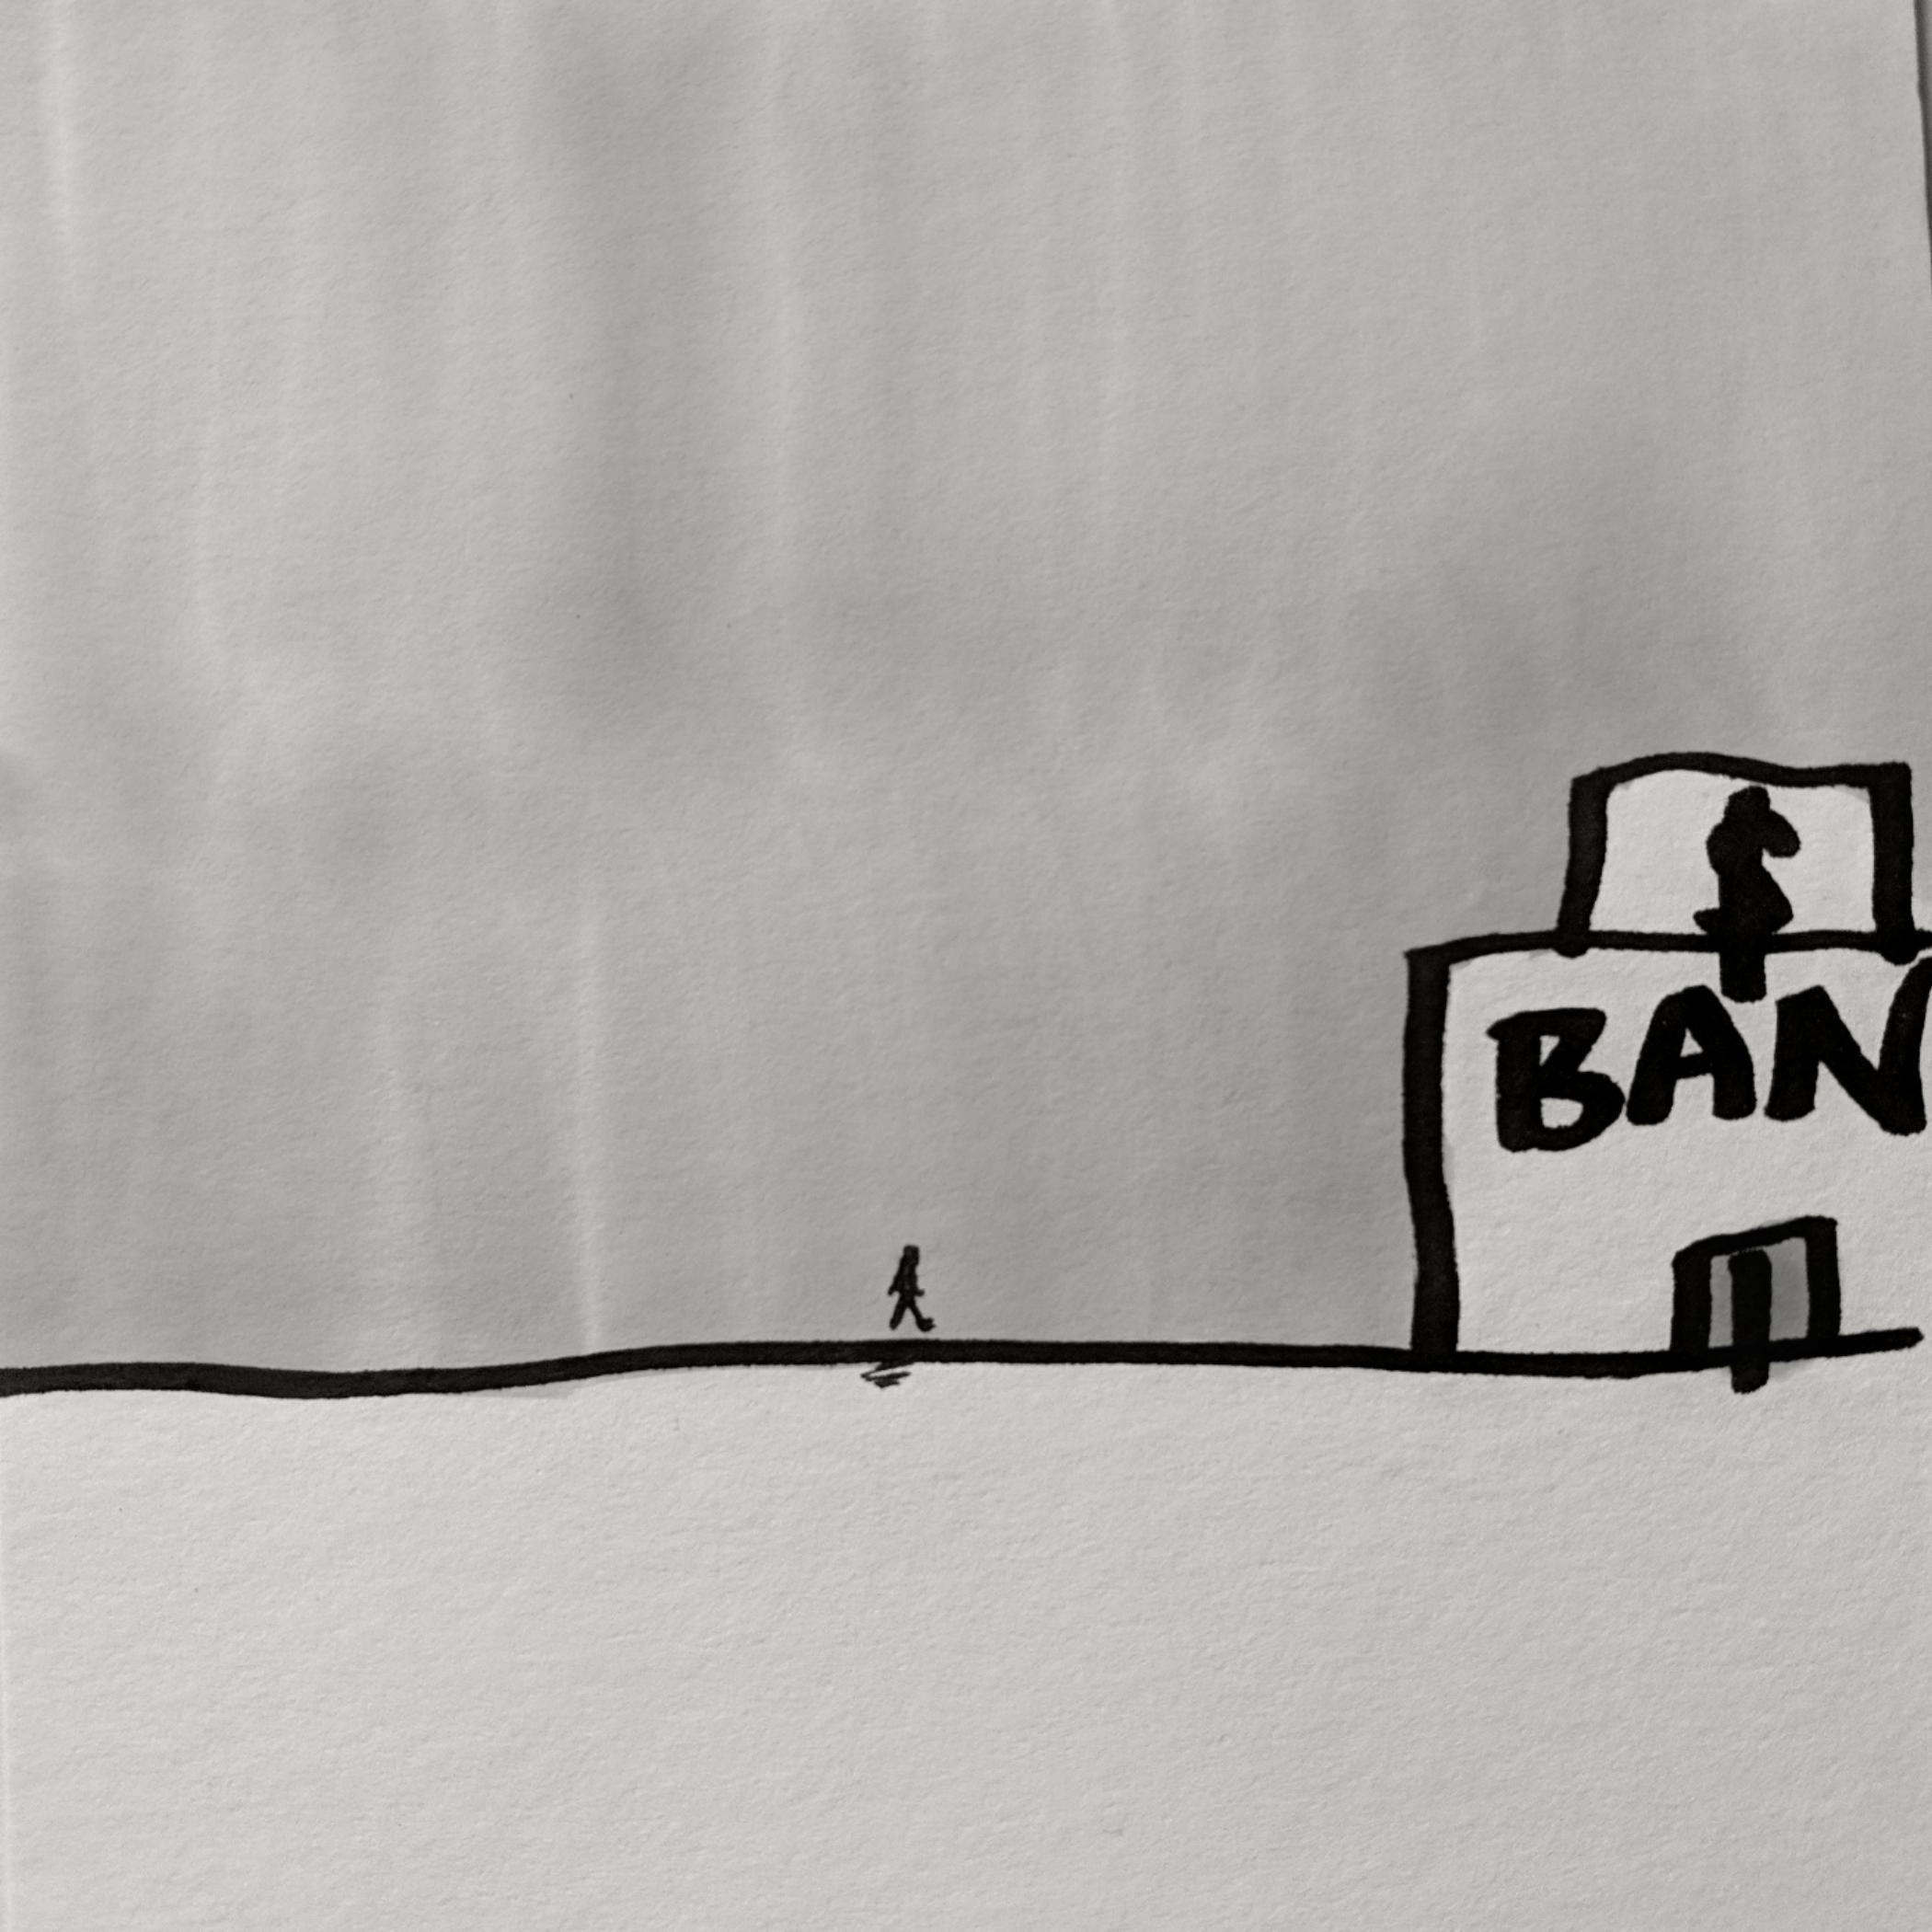 Bank Dirt_01.png